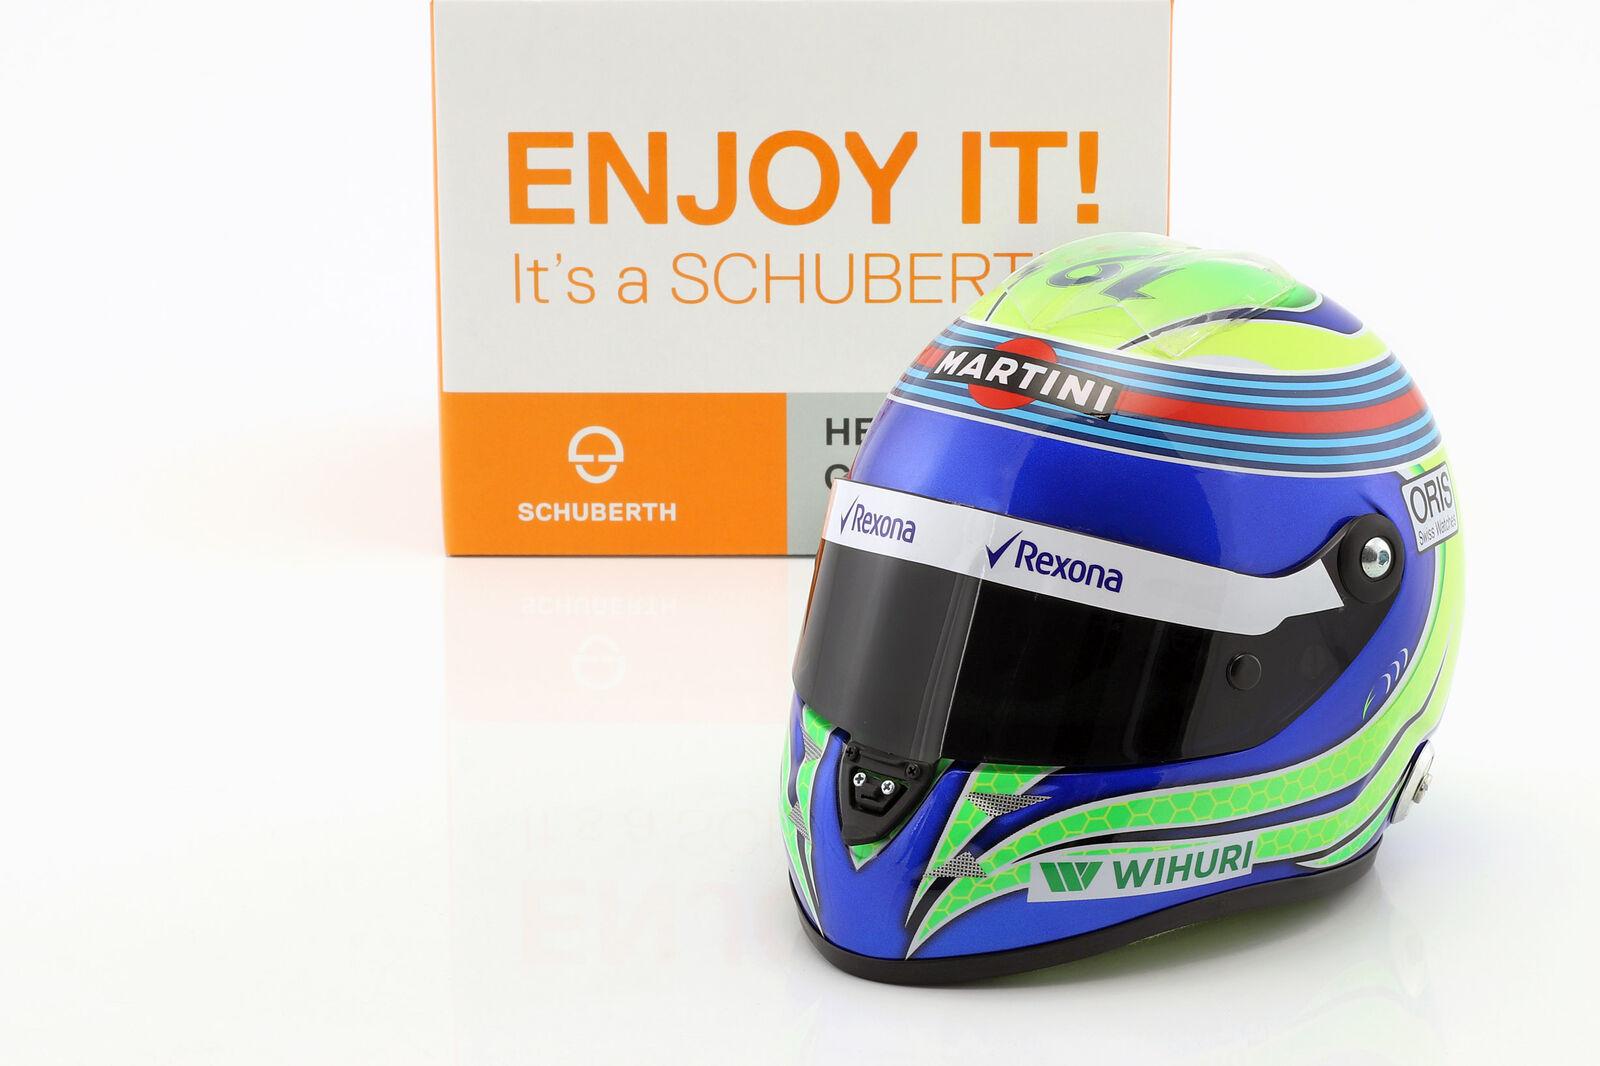 Felipe Massa Williams FW38 Formula 1 2016 Casco 1 2 Schuberth